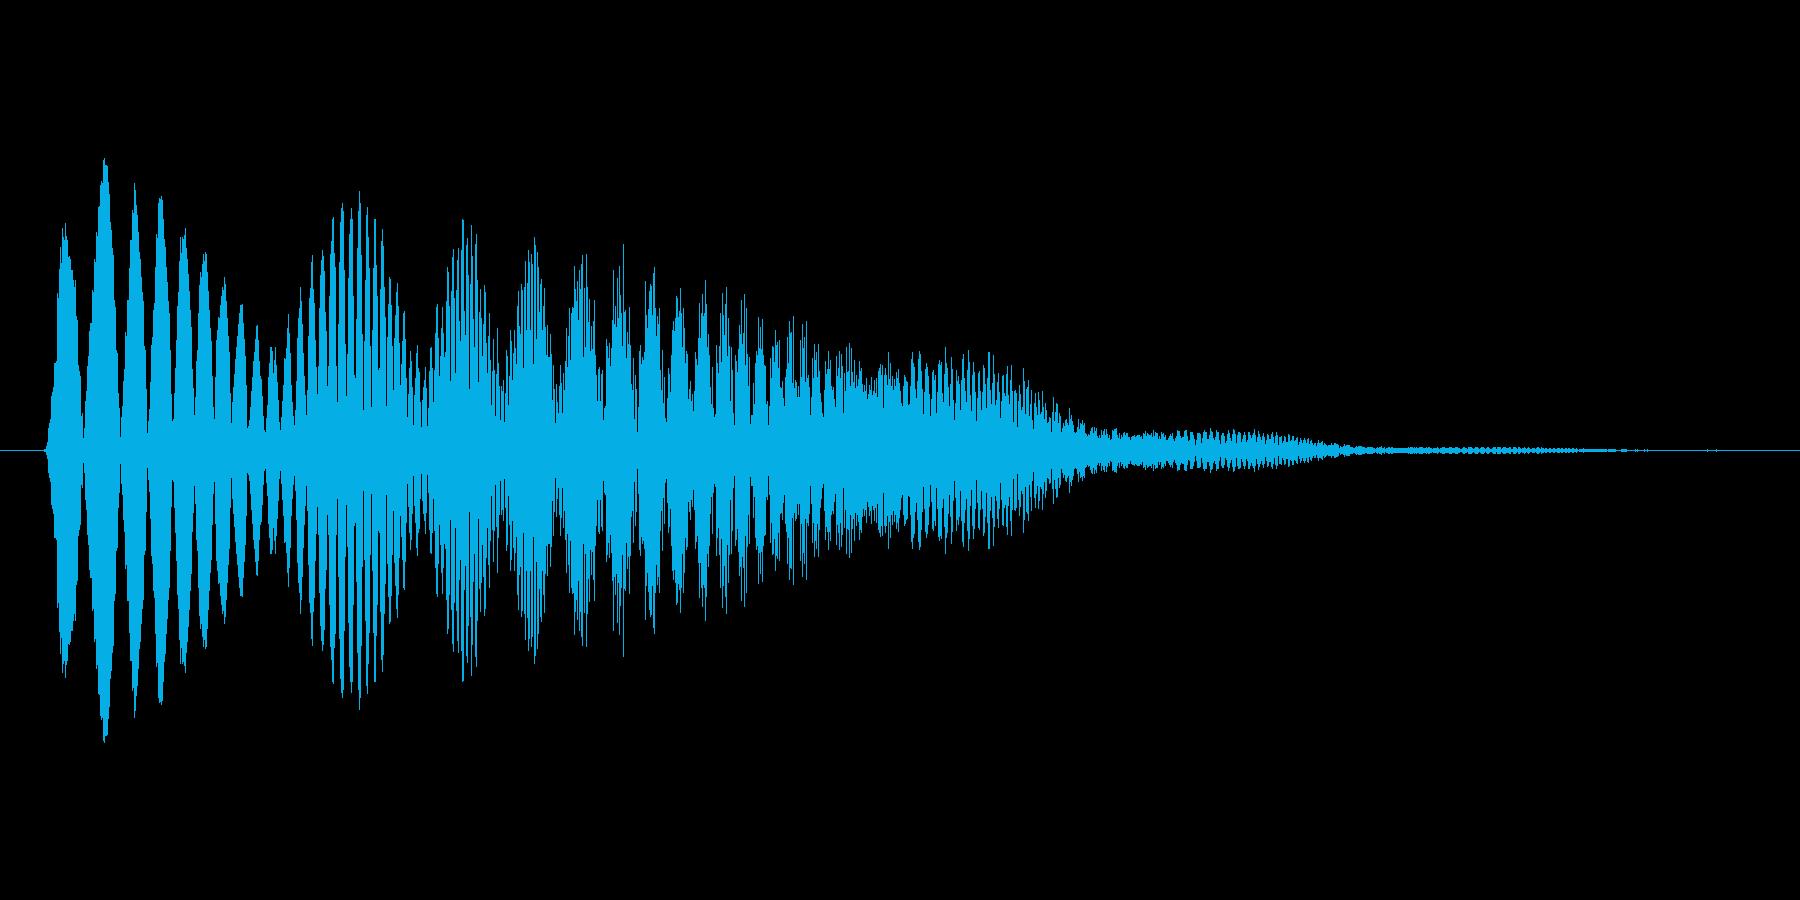 ファミコン風効果音 ポップアップ・上昇 の再生済みの波形